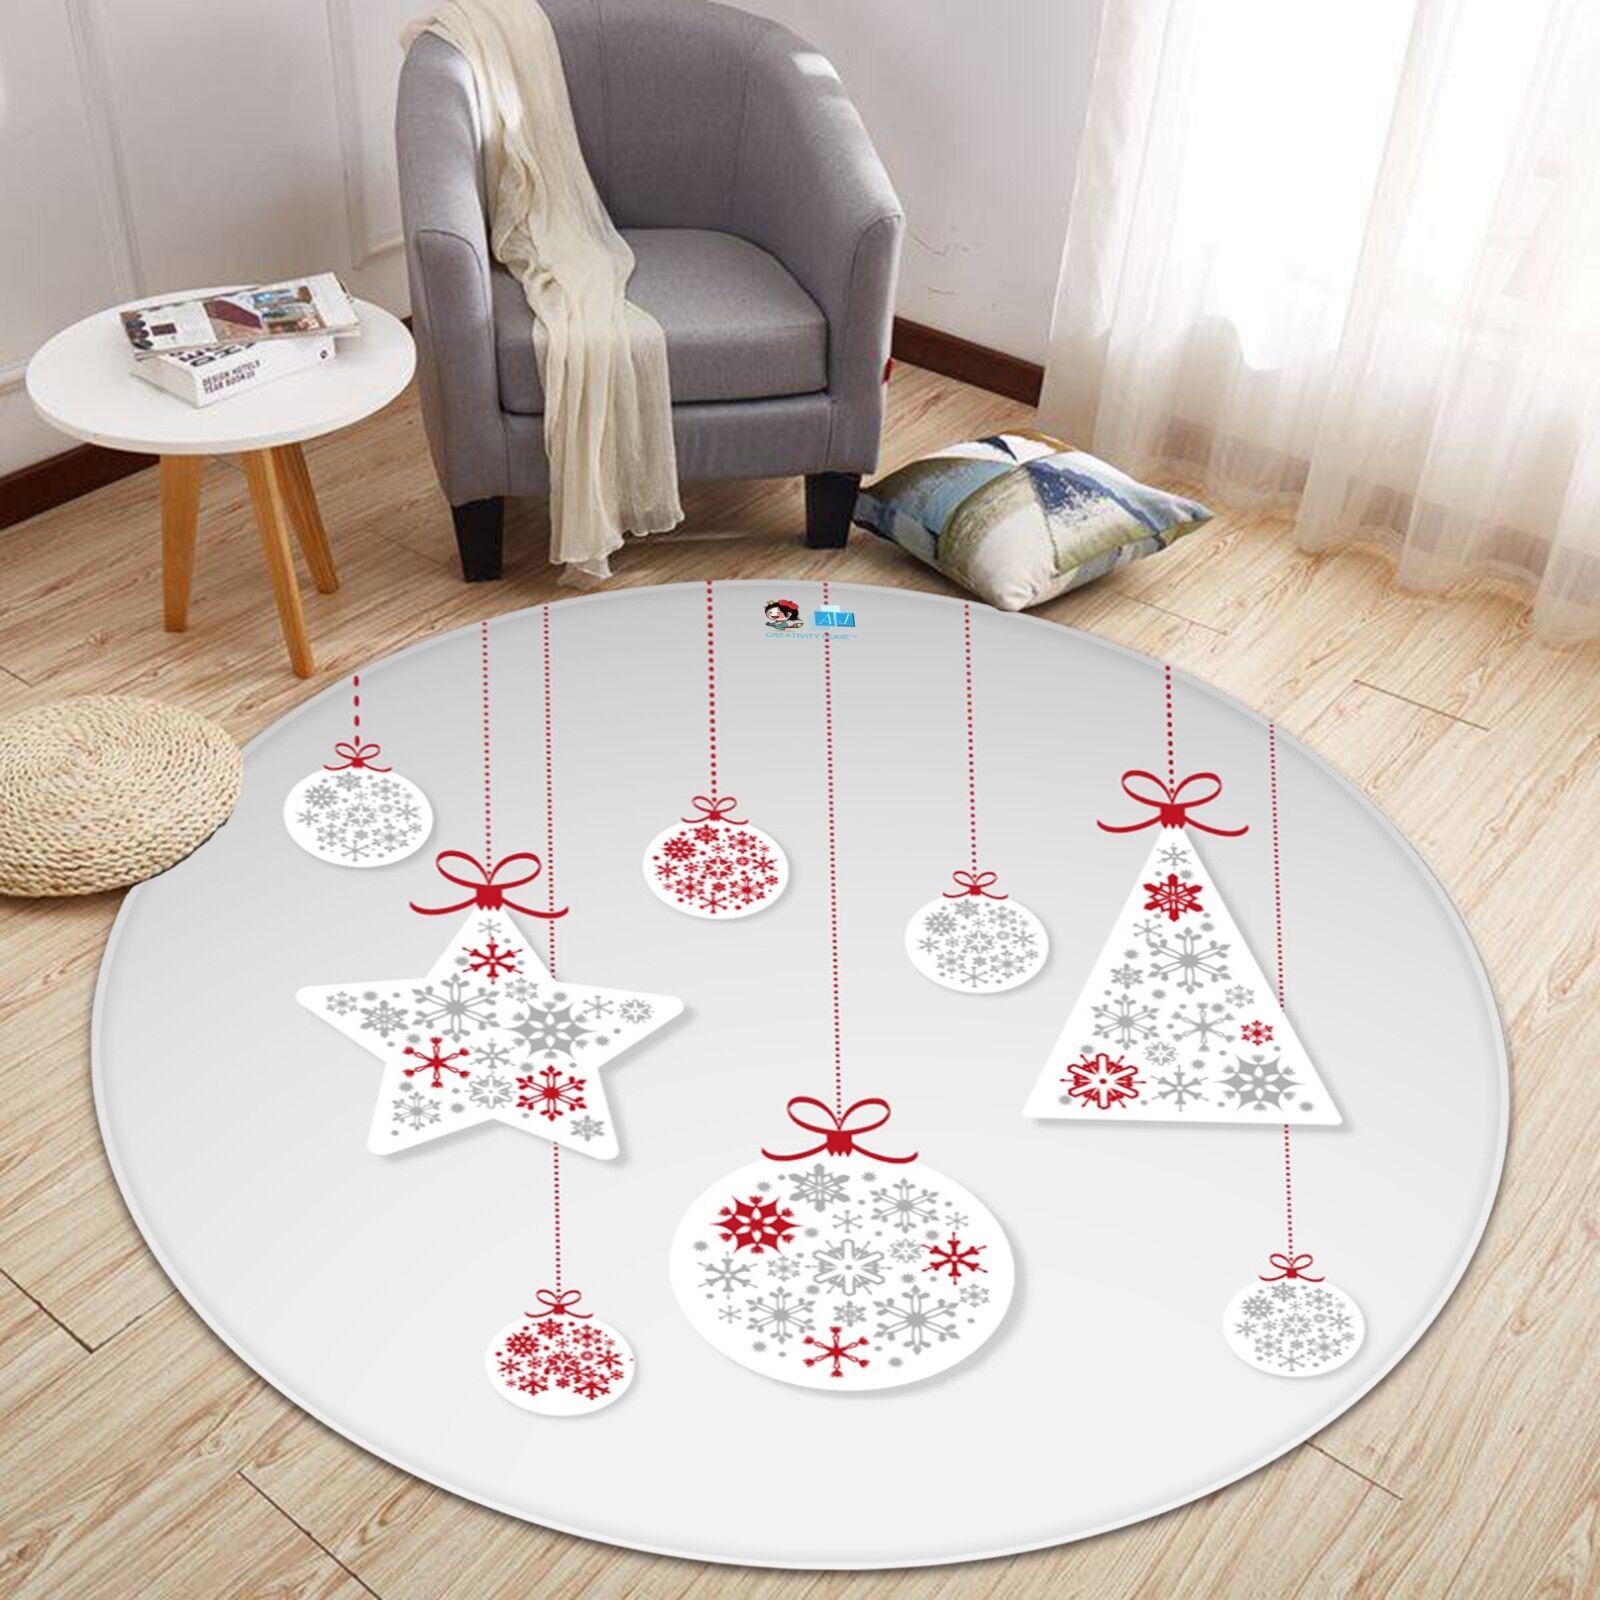 3D Weihnachten Xmas 740 Rutschfest Teppich Raum Matte Runden Runden Runden Elegant Teppich DE 481b76